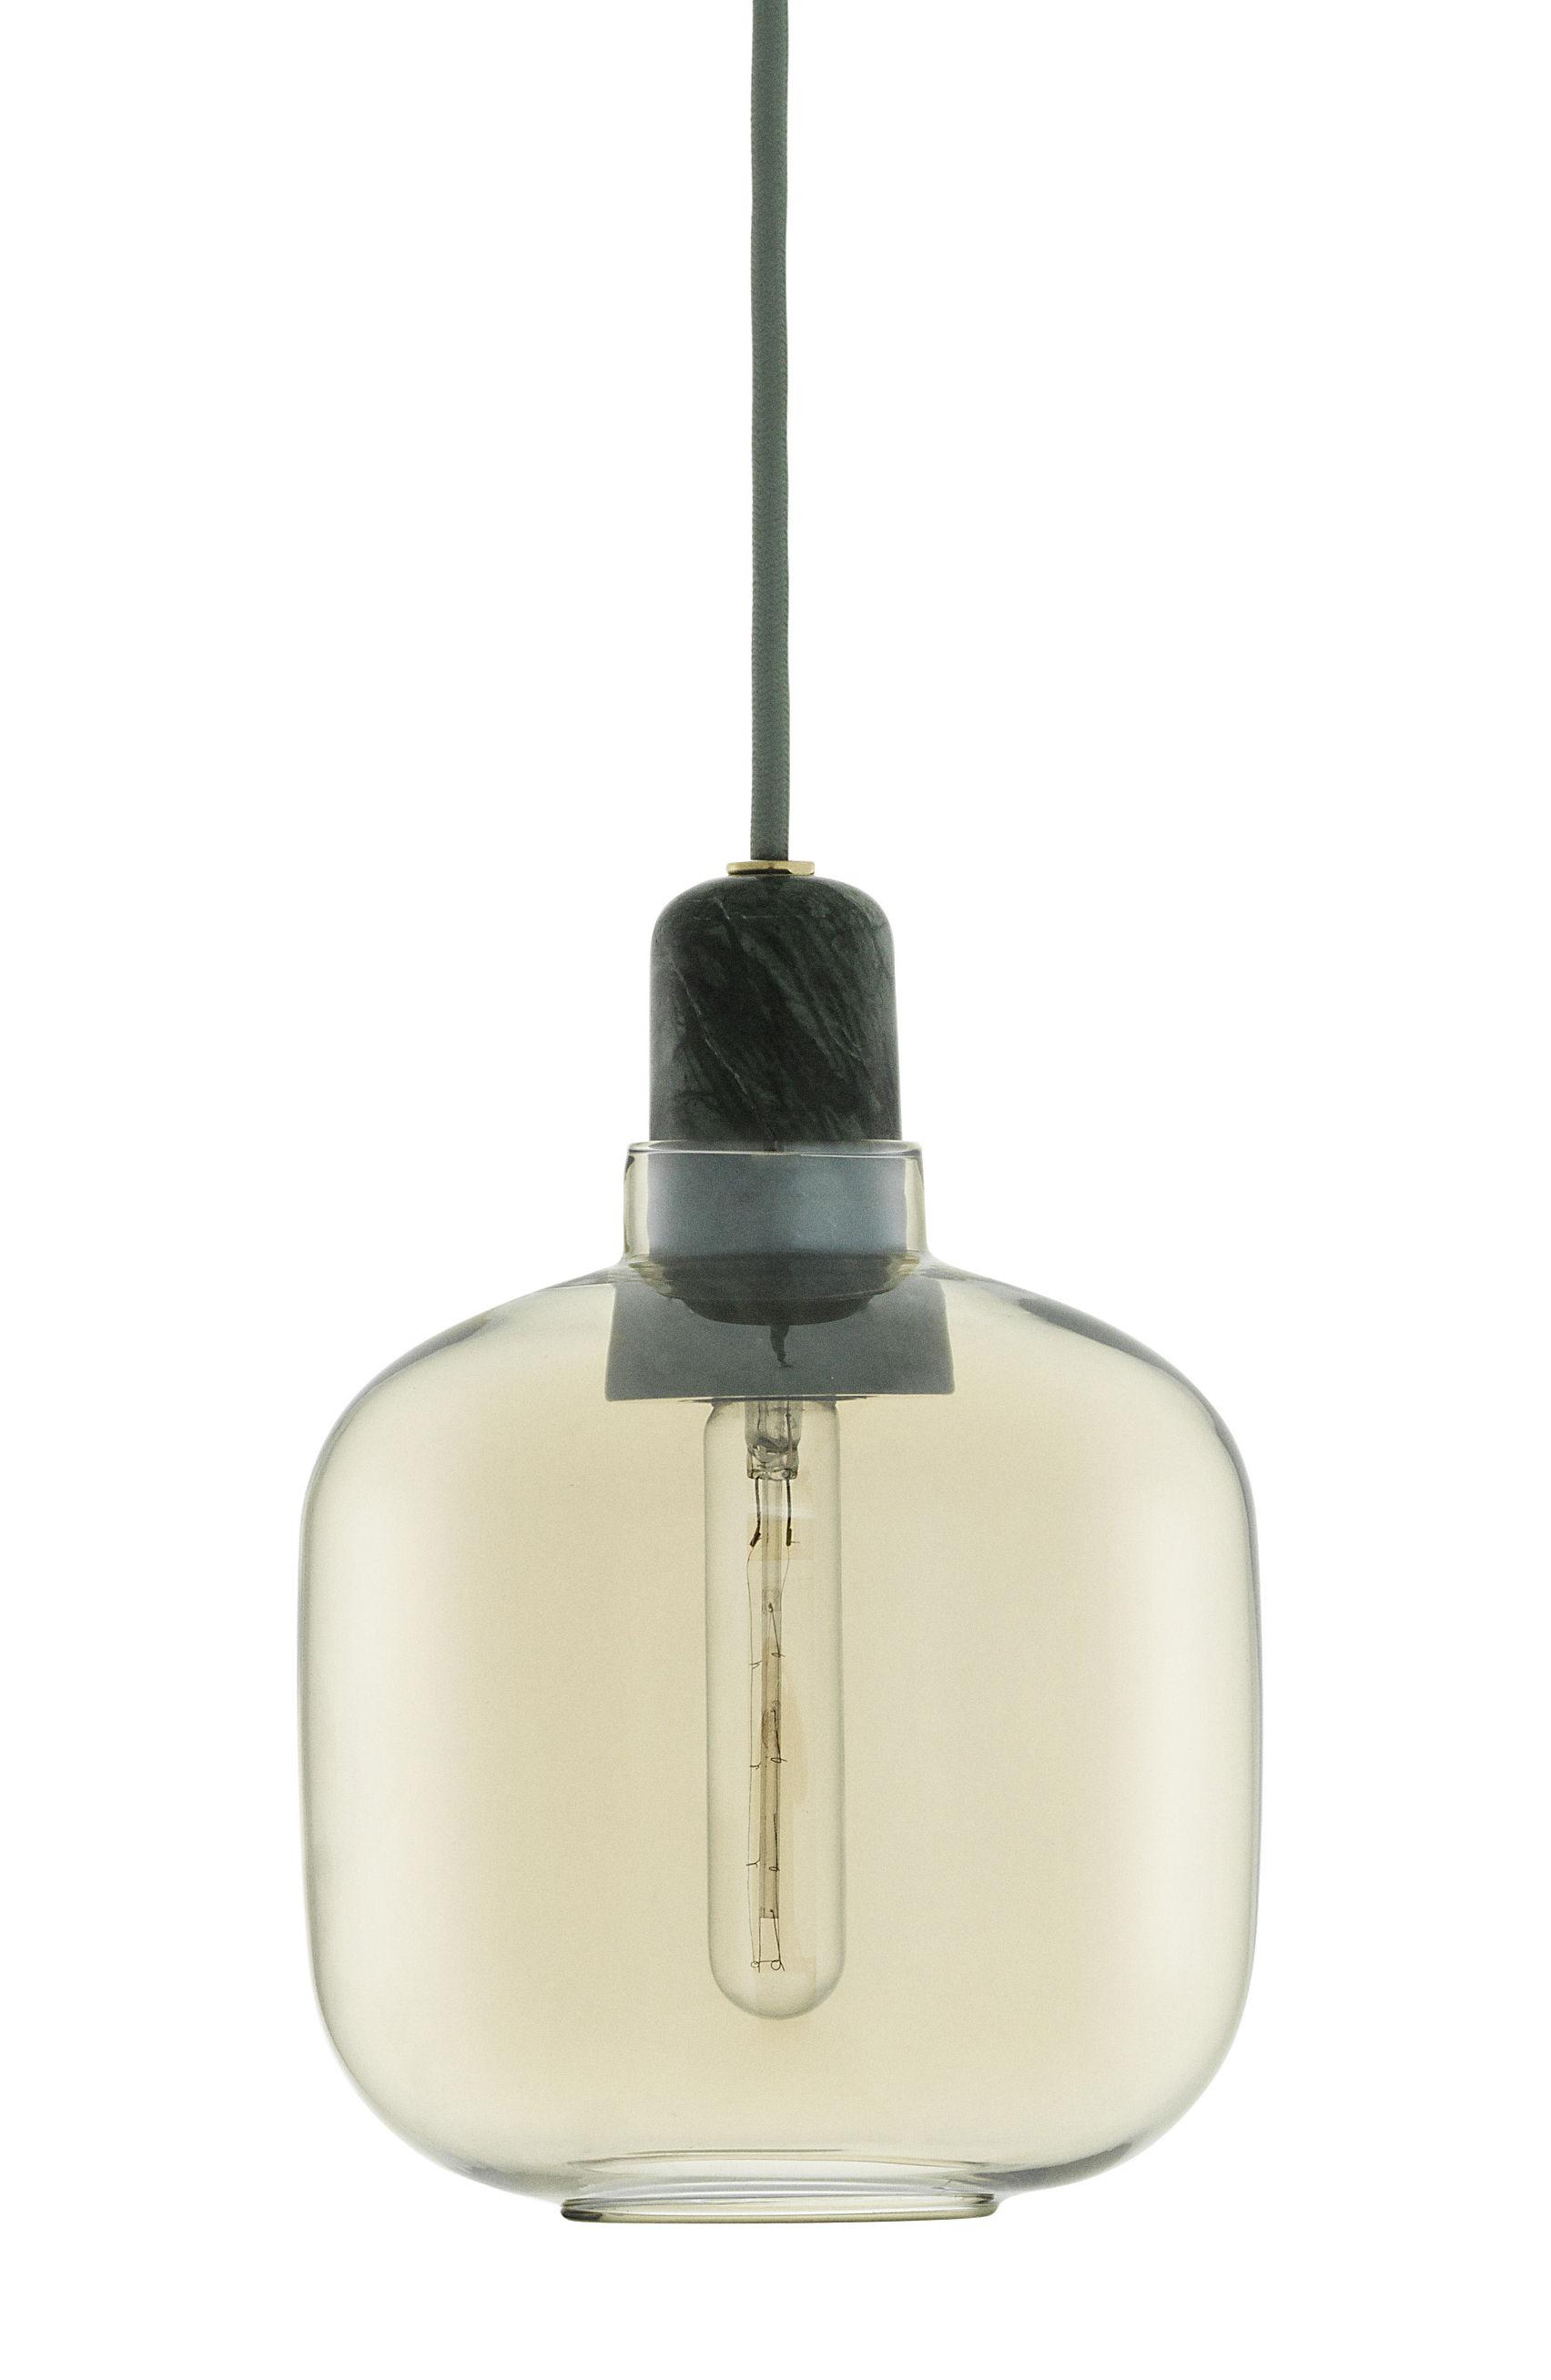 Lighting - Pendant Lighting - Amp Small Pendant - Ø 14 x H 17 cm by Normann Copenhagen - Gold / Dark green marble - Glass, Marble